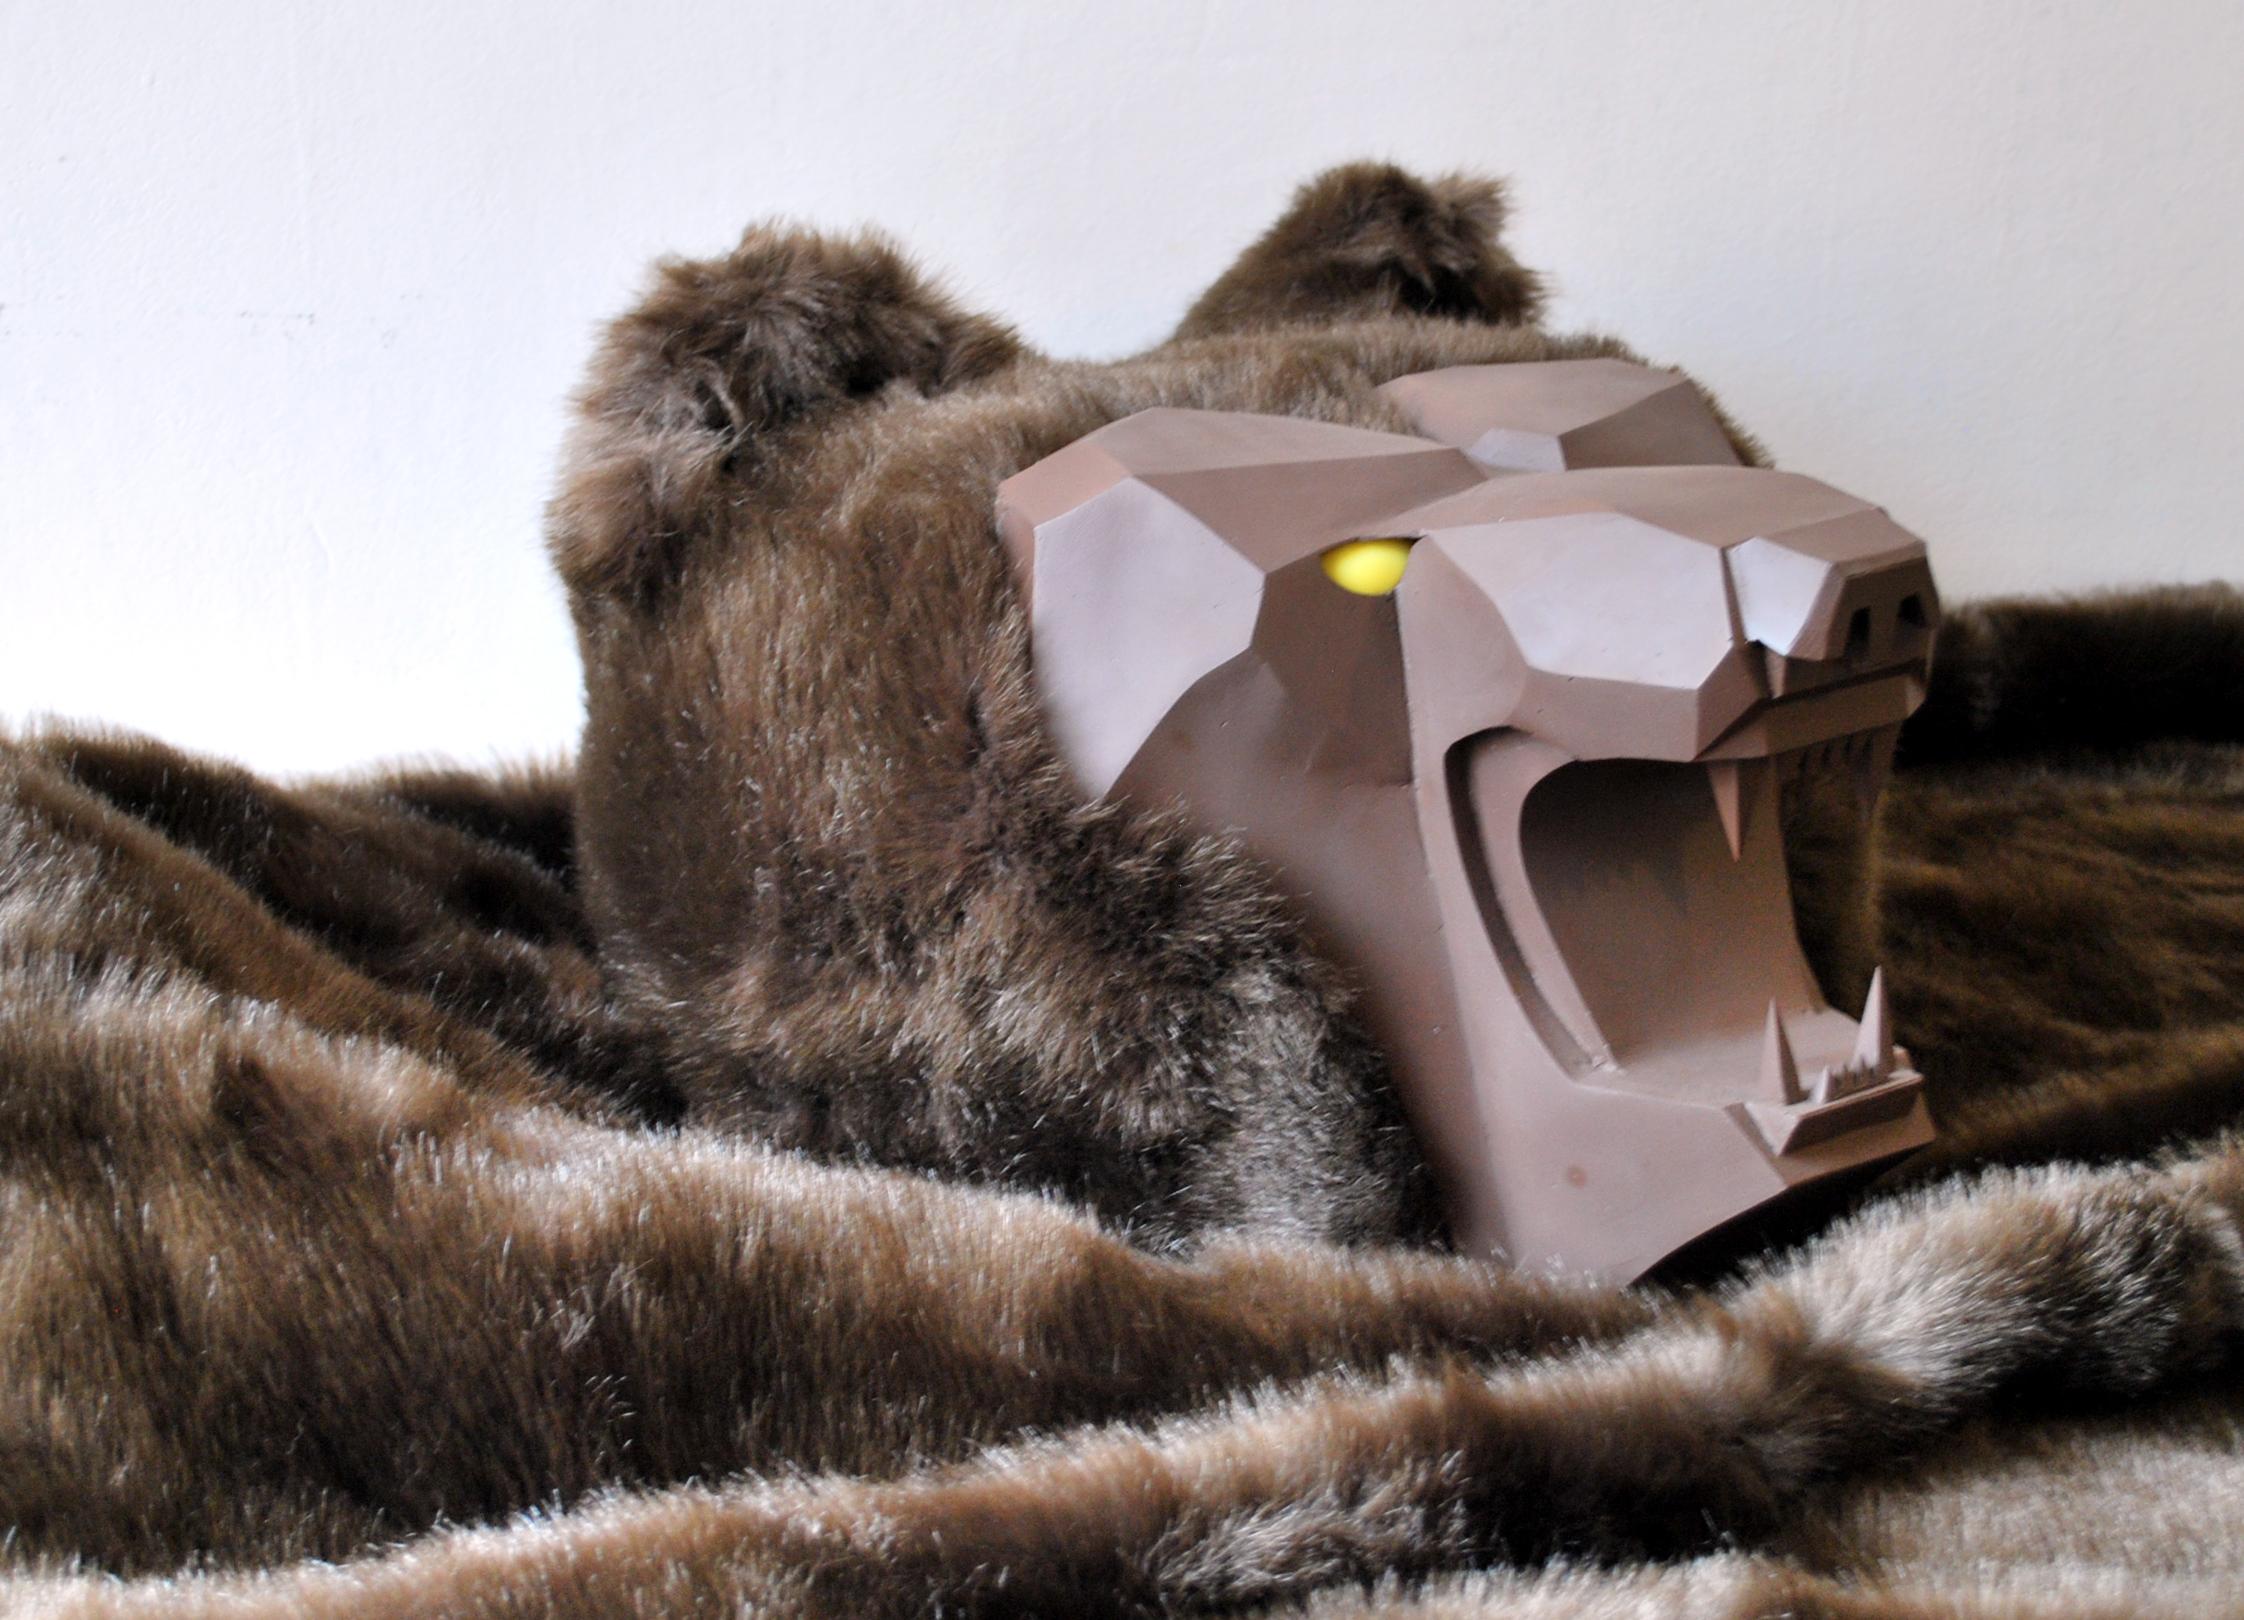 Kimitake Sato Tappeto d'orso, 2002 Resina, pelliccia sintetica, gomma cm 300 x 550